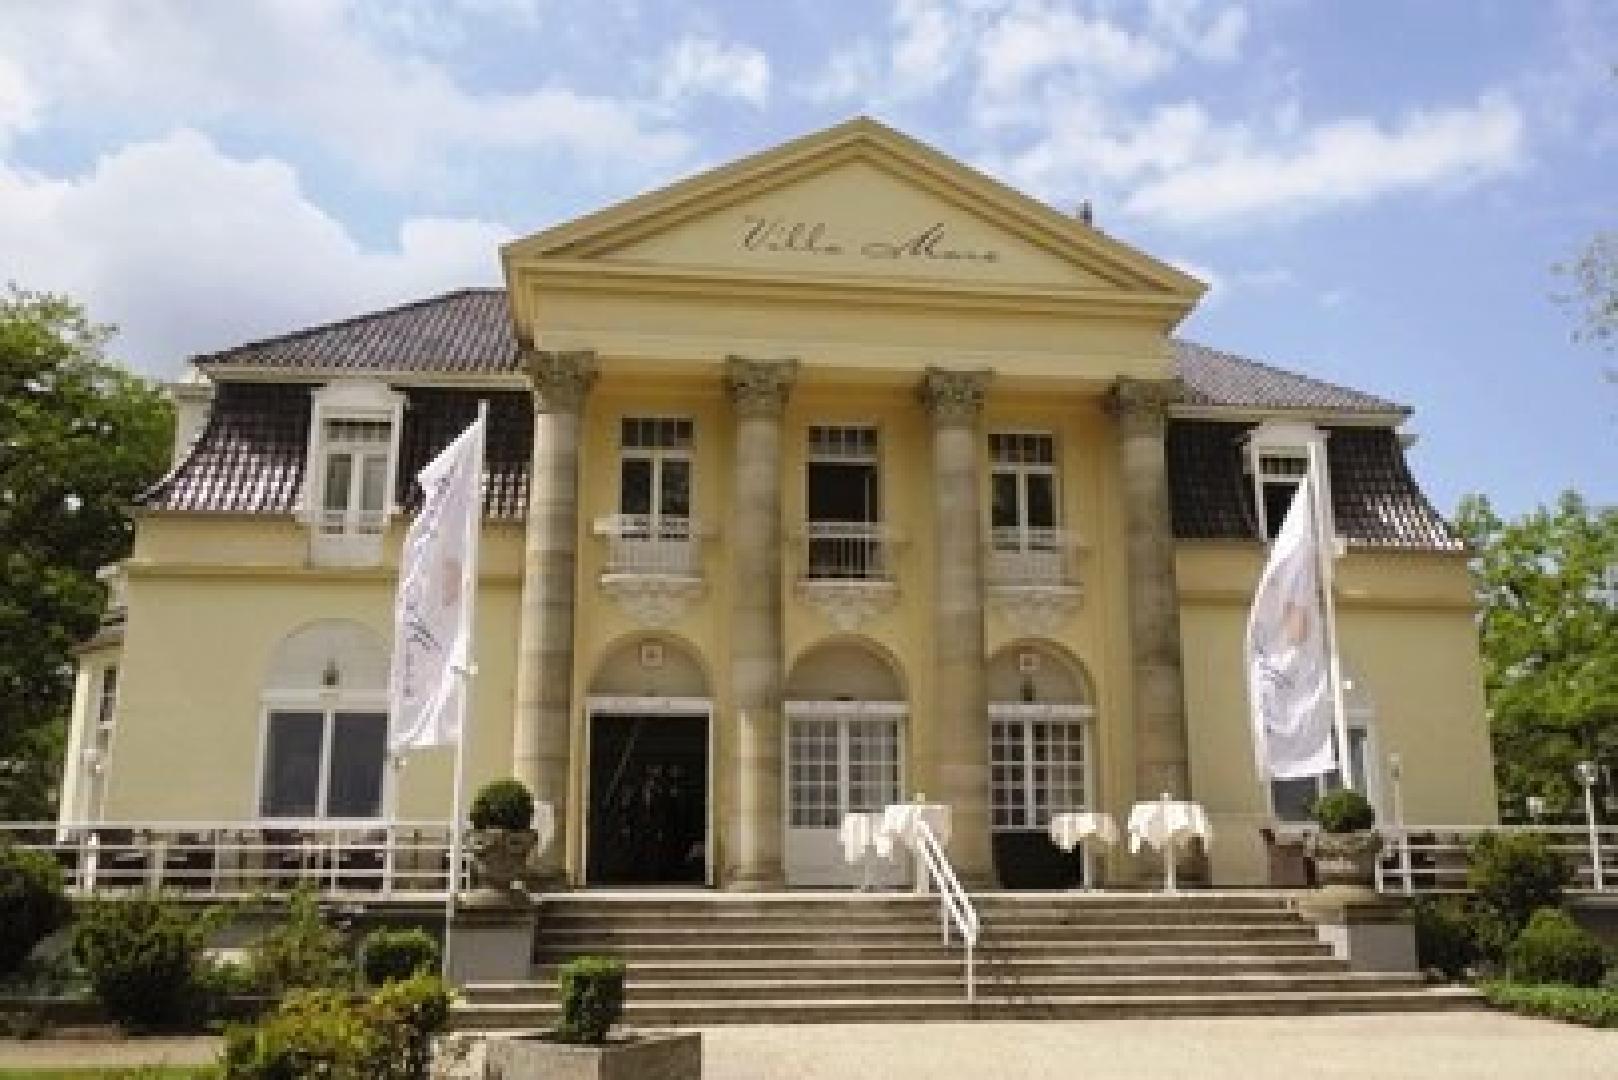 Bild 1 von Villa Mare - Ballsaal